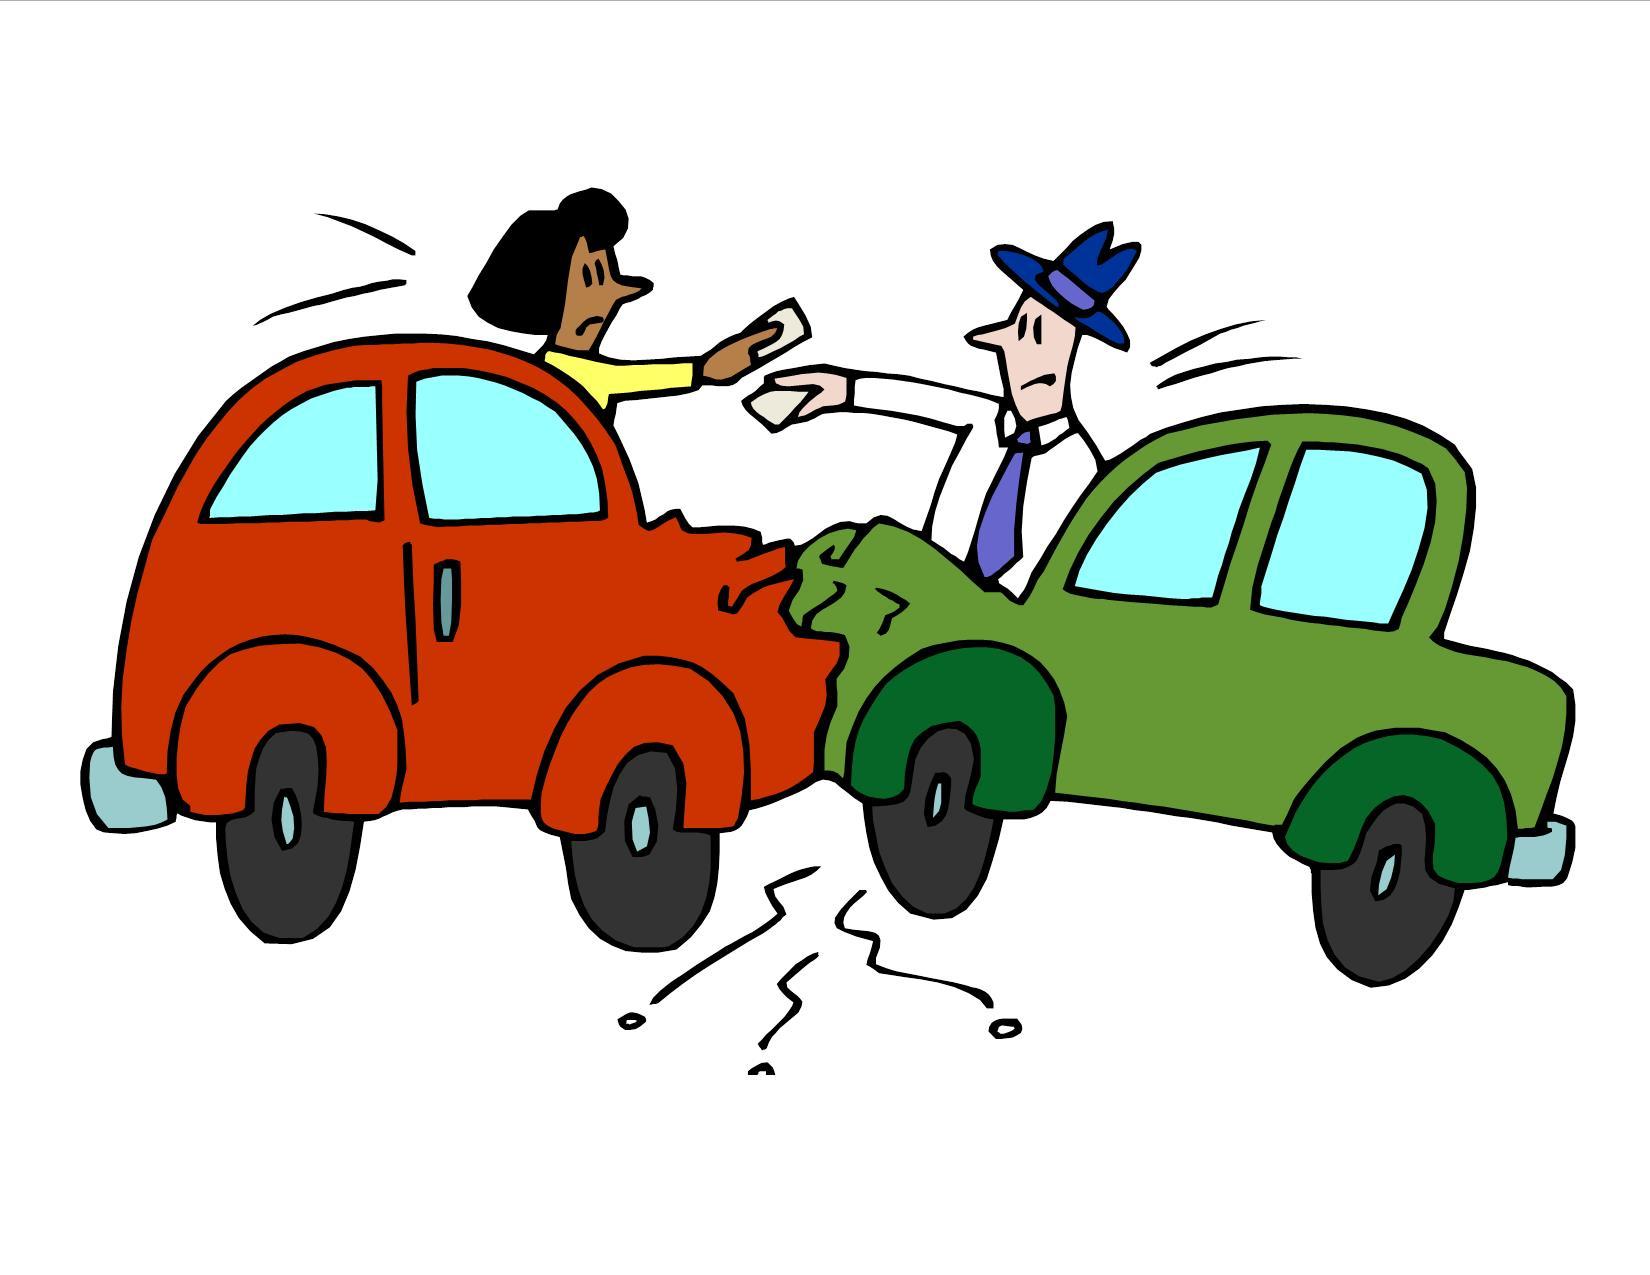 نکات ضروری پس از تصادف رانندگی از حفظ خونسردی تا دریافت افت قیمت ماشین